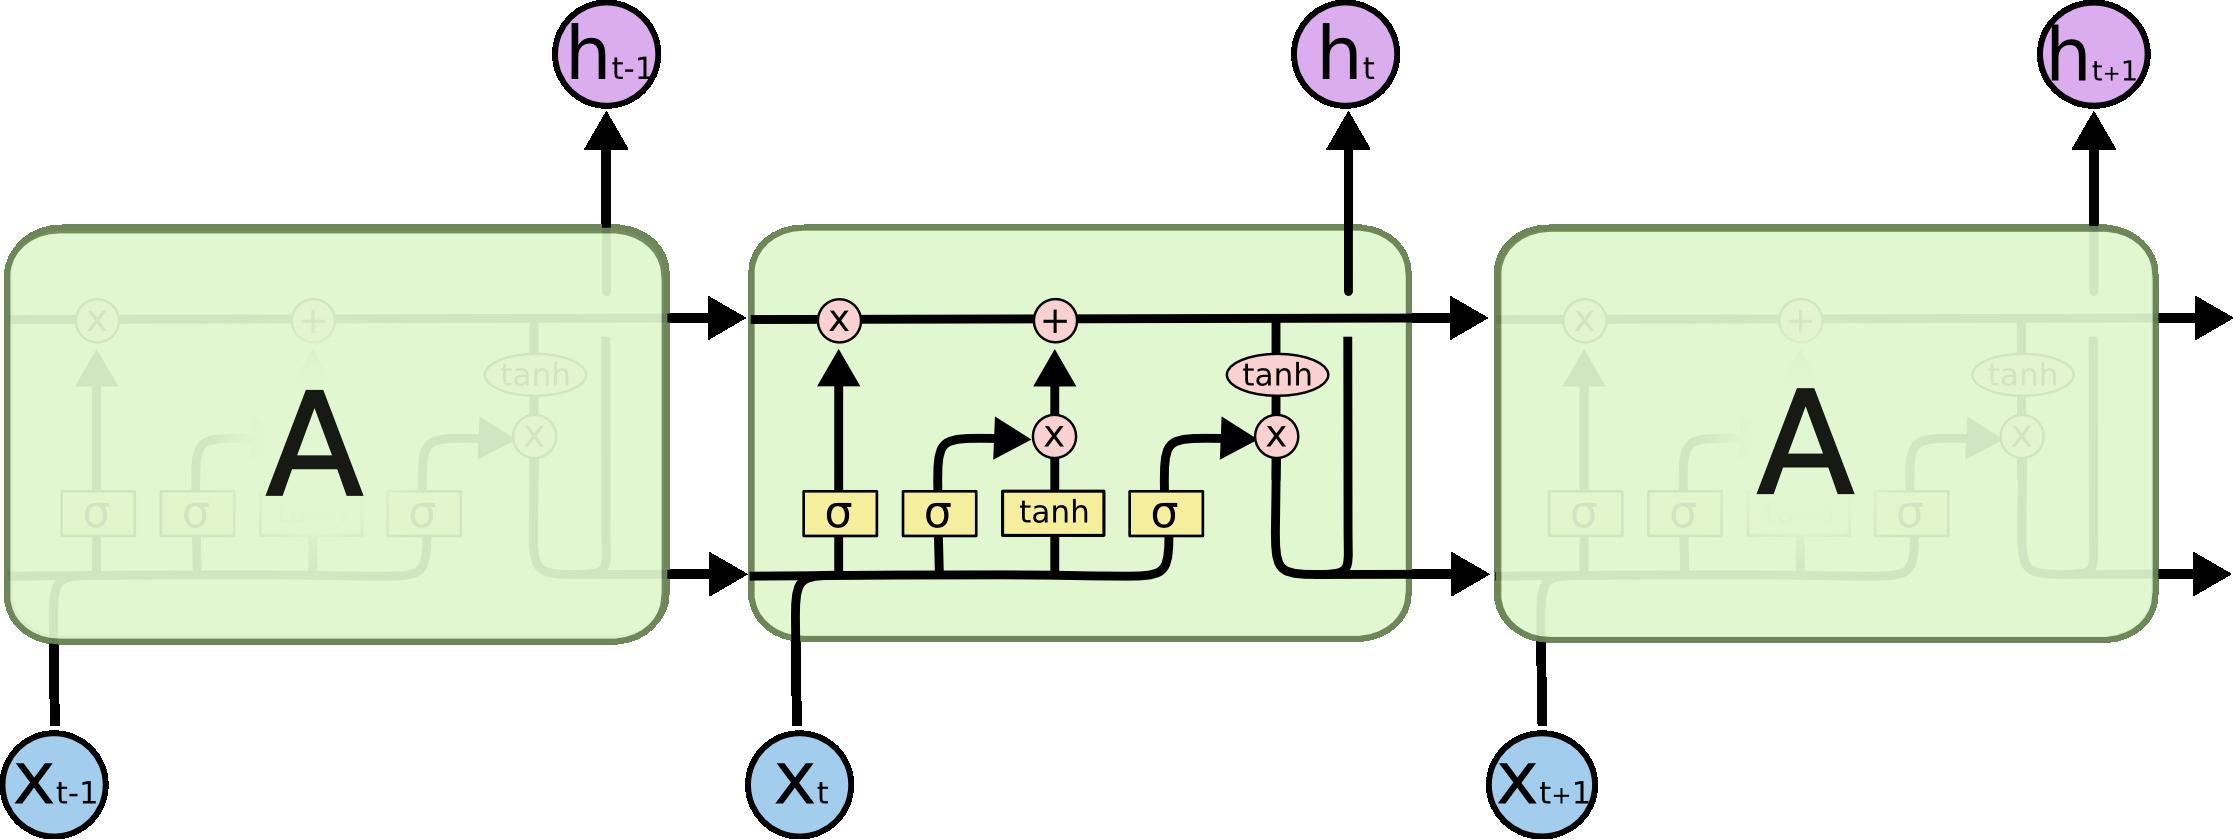 به ساده ترین شکل با شبکه عصبی LSTM آشنا بشیم